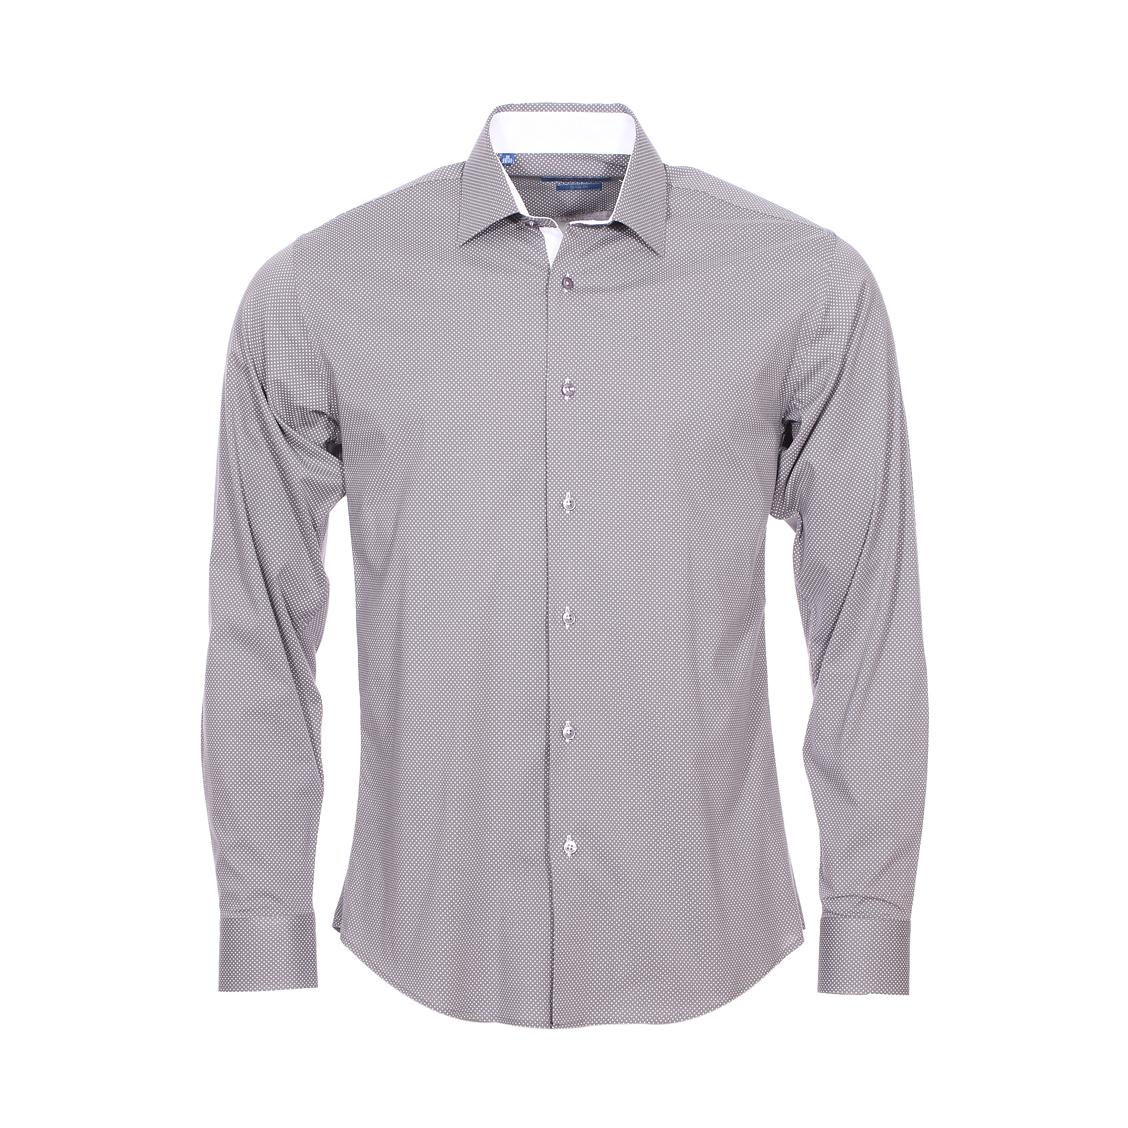 Chemise cintrée  en coton gris à pois blancs